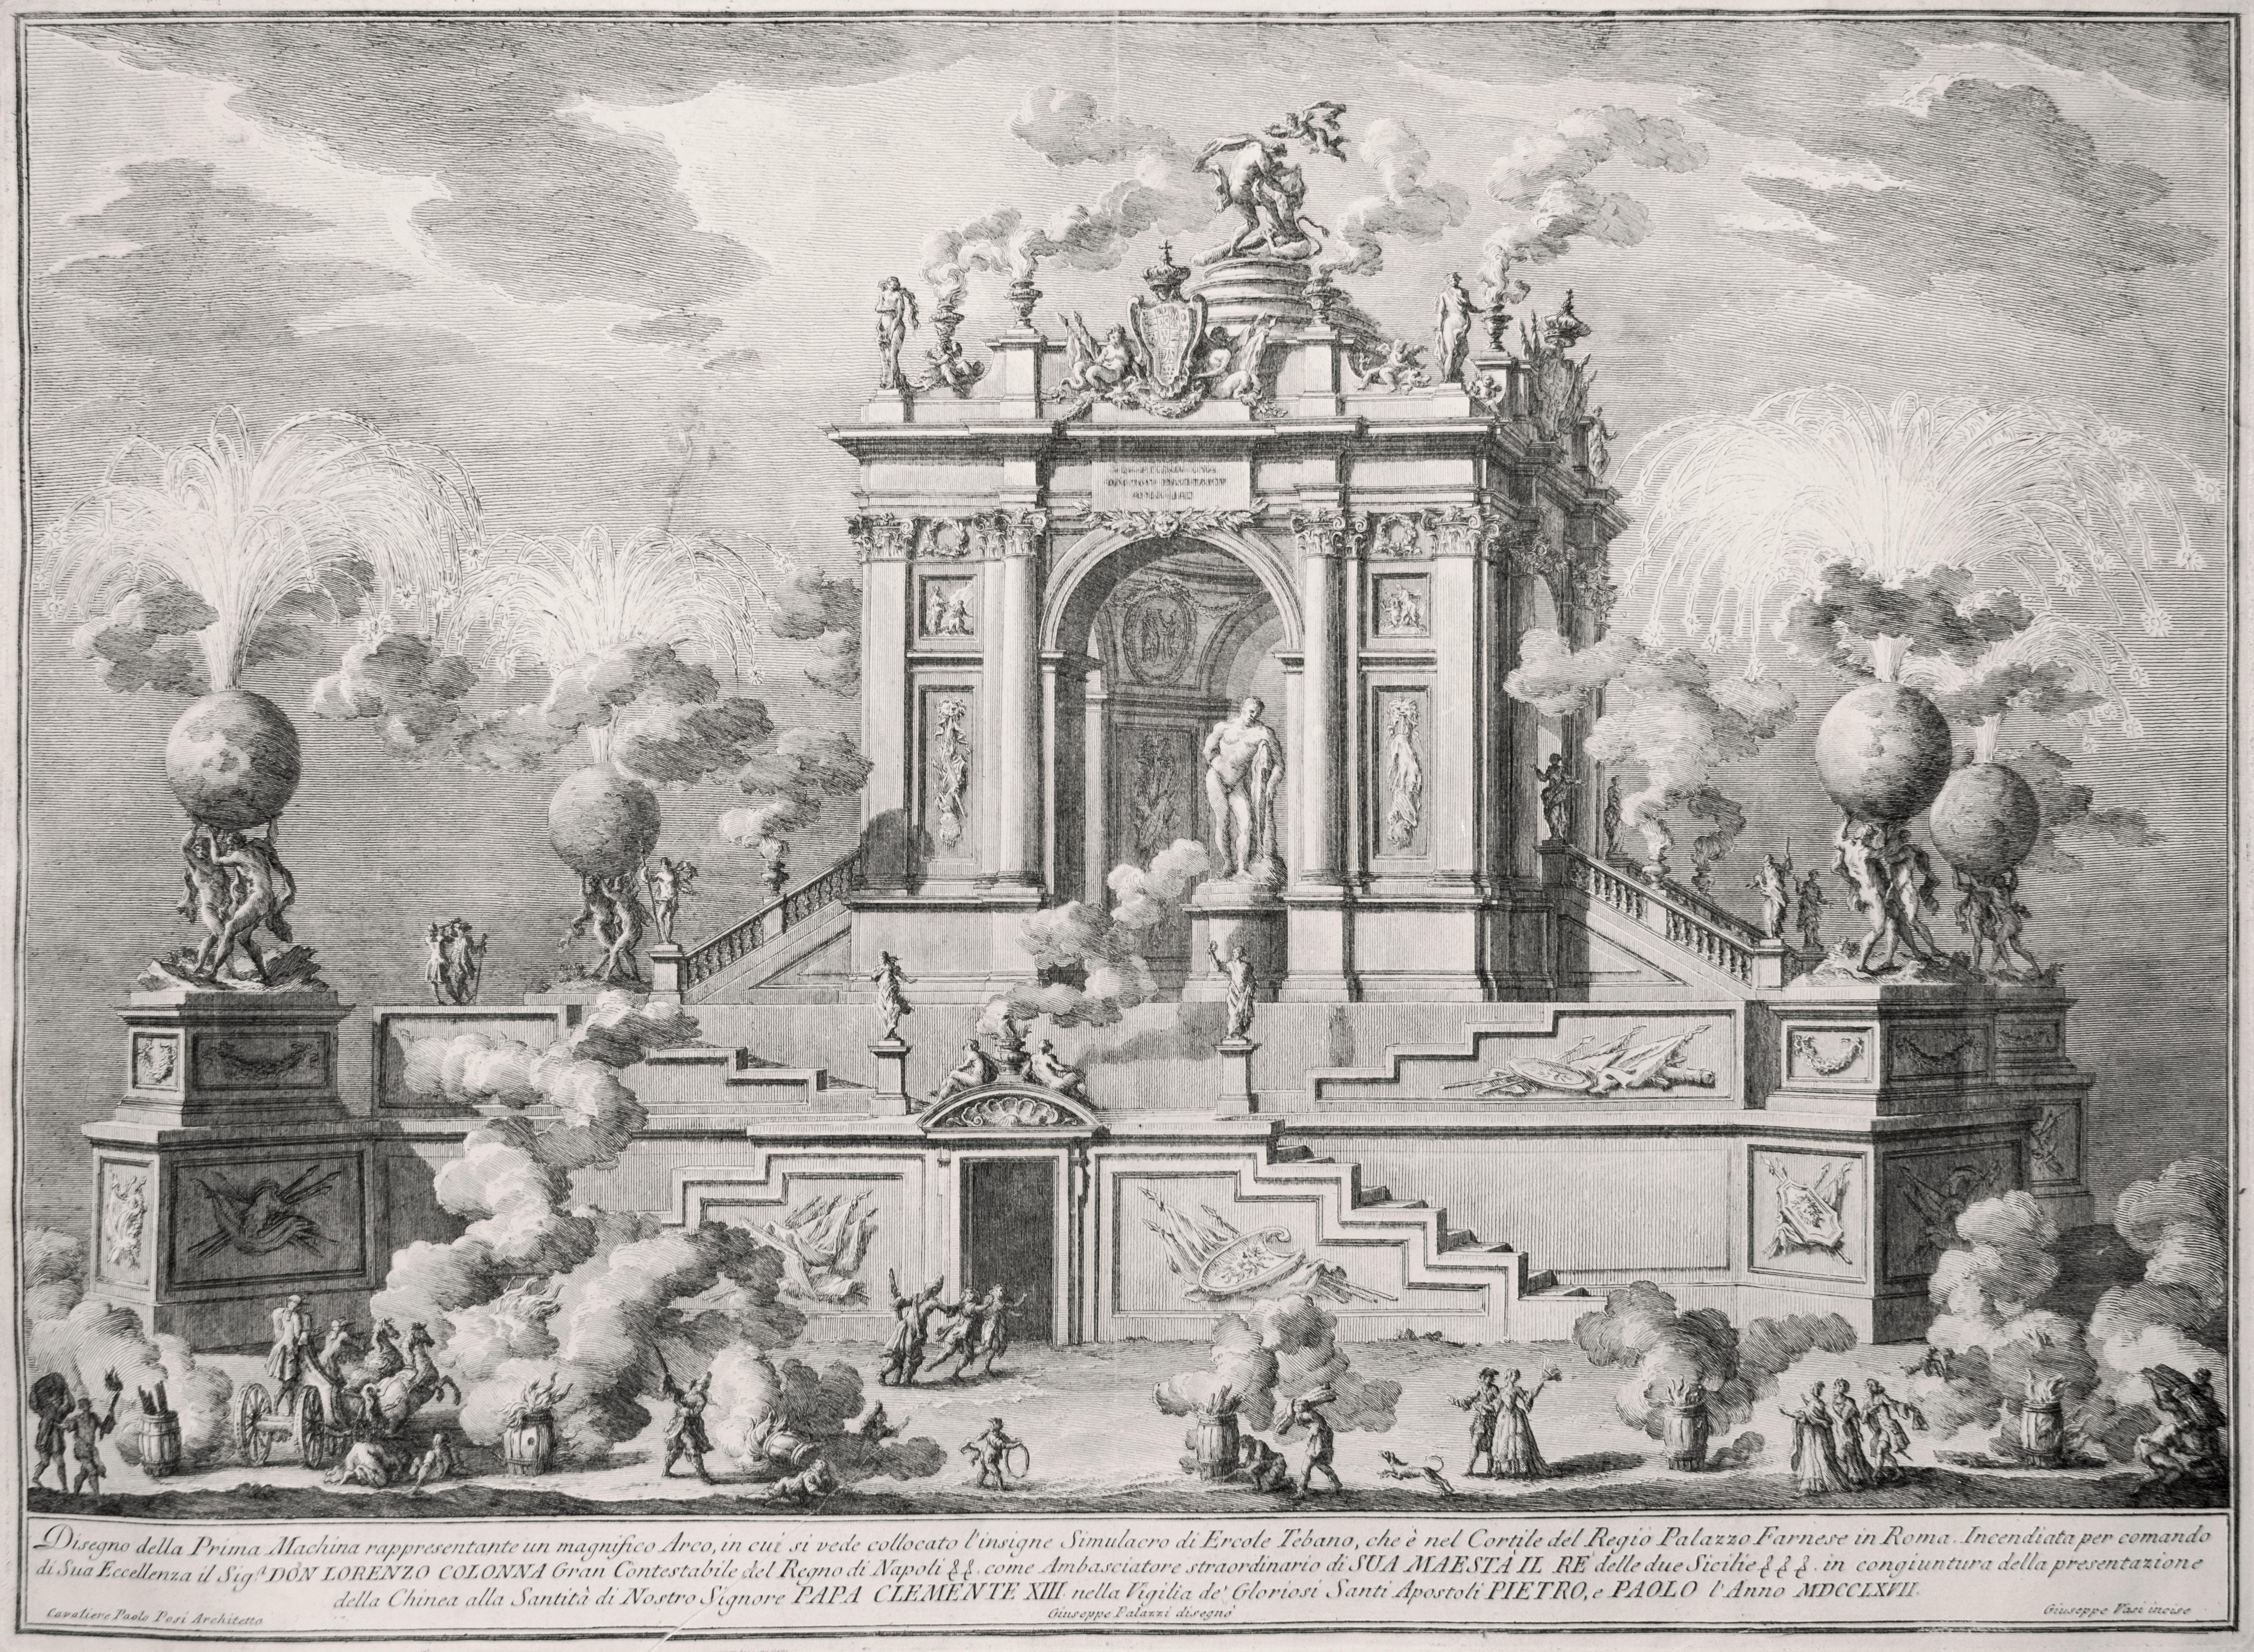 Magnifico Arco con il Simulacro di Ercole Tebano - by Giuseppe Vasi - 1767